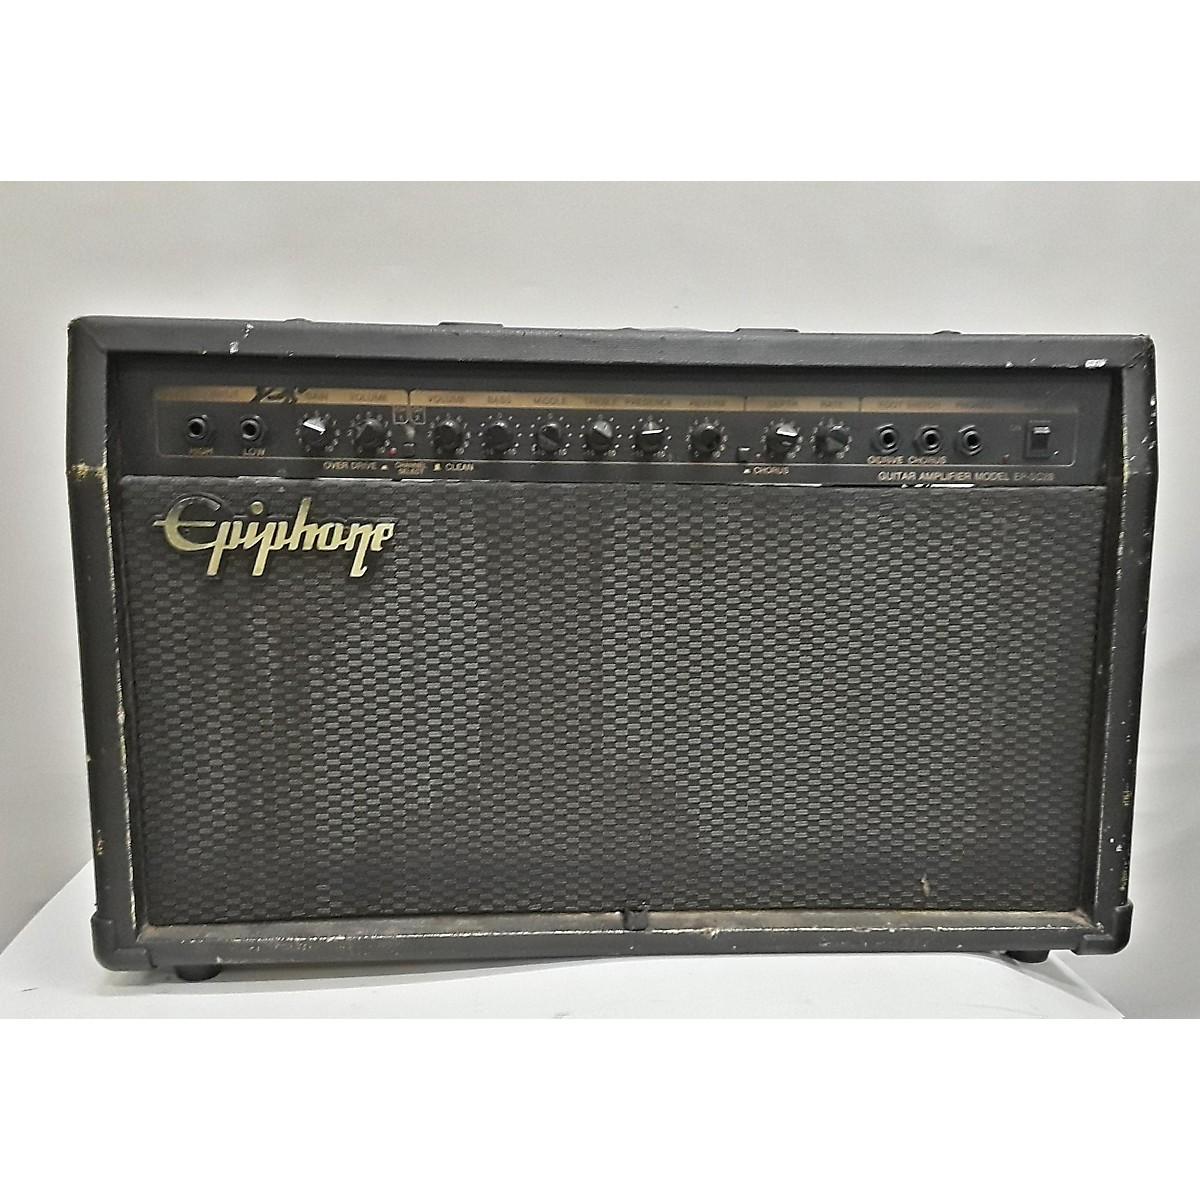 Epiphone EP-SC28 Guitar Combo Amp